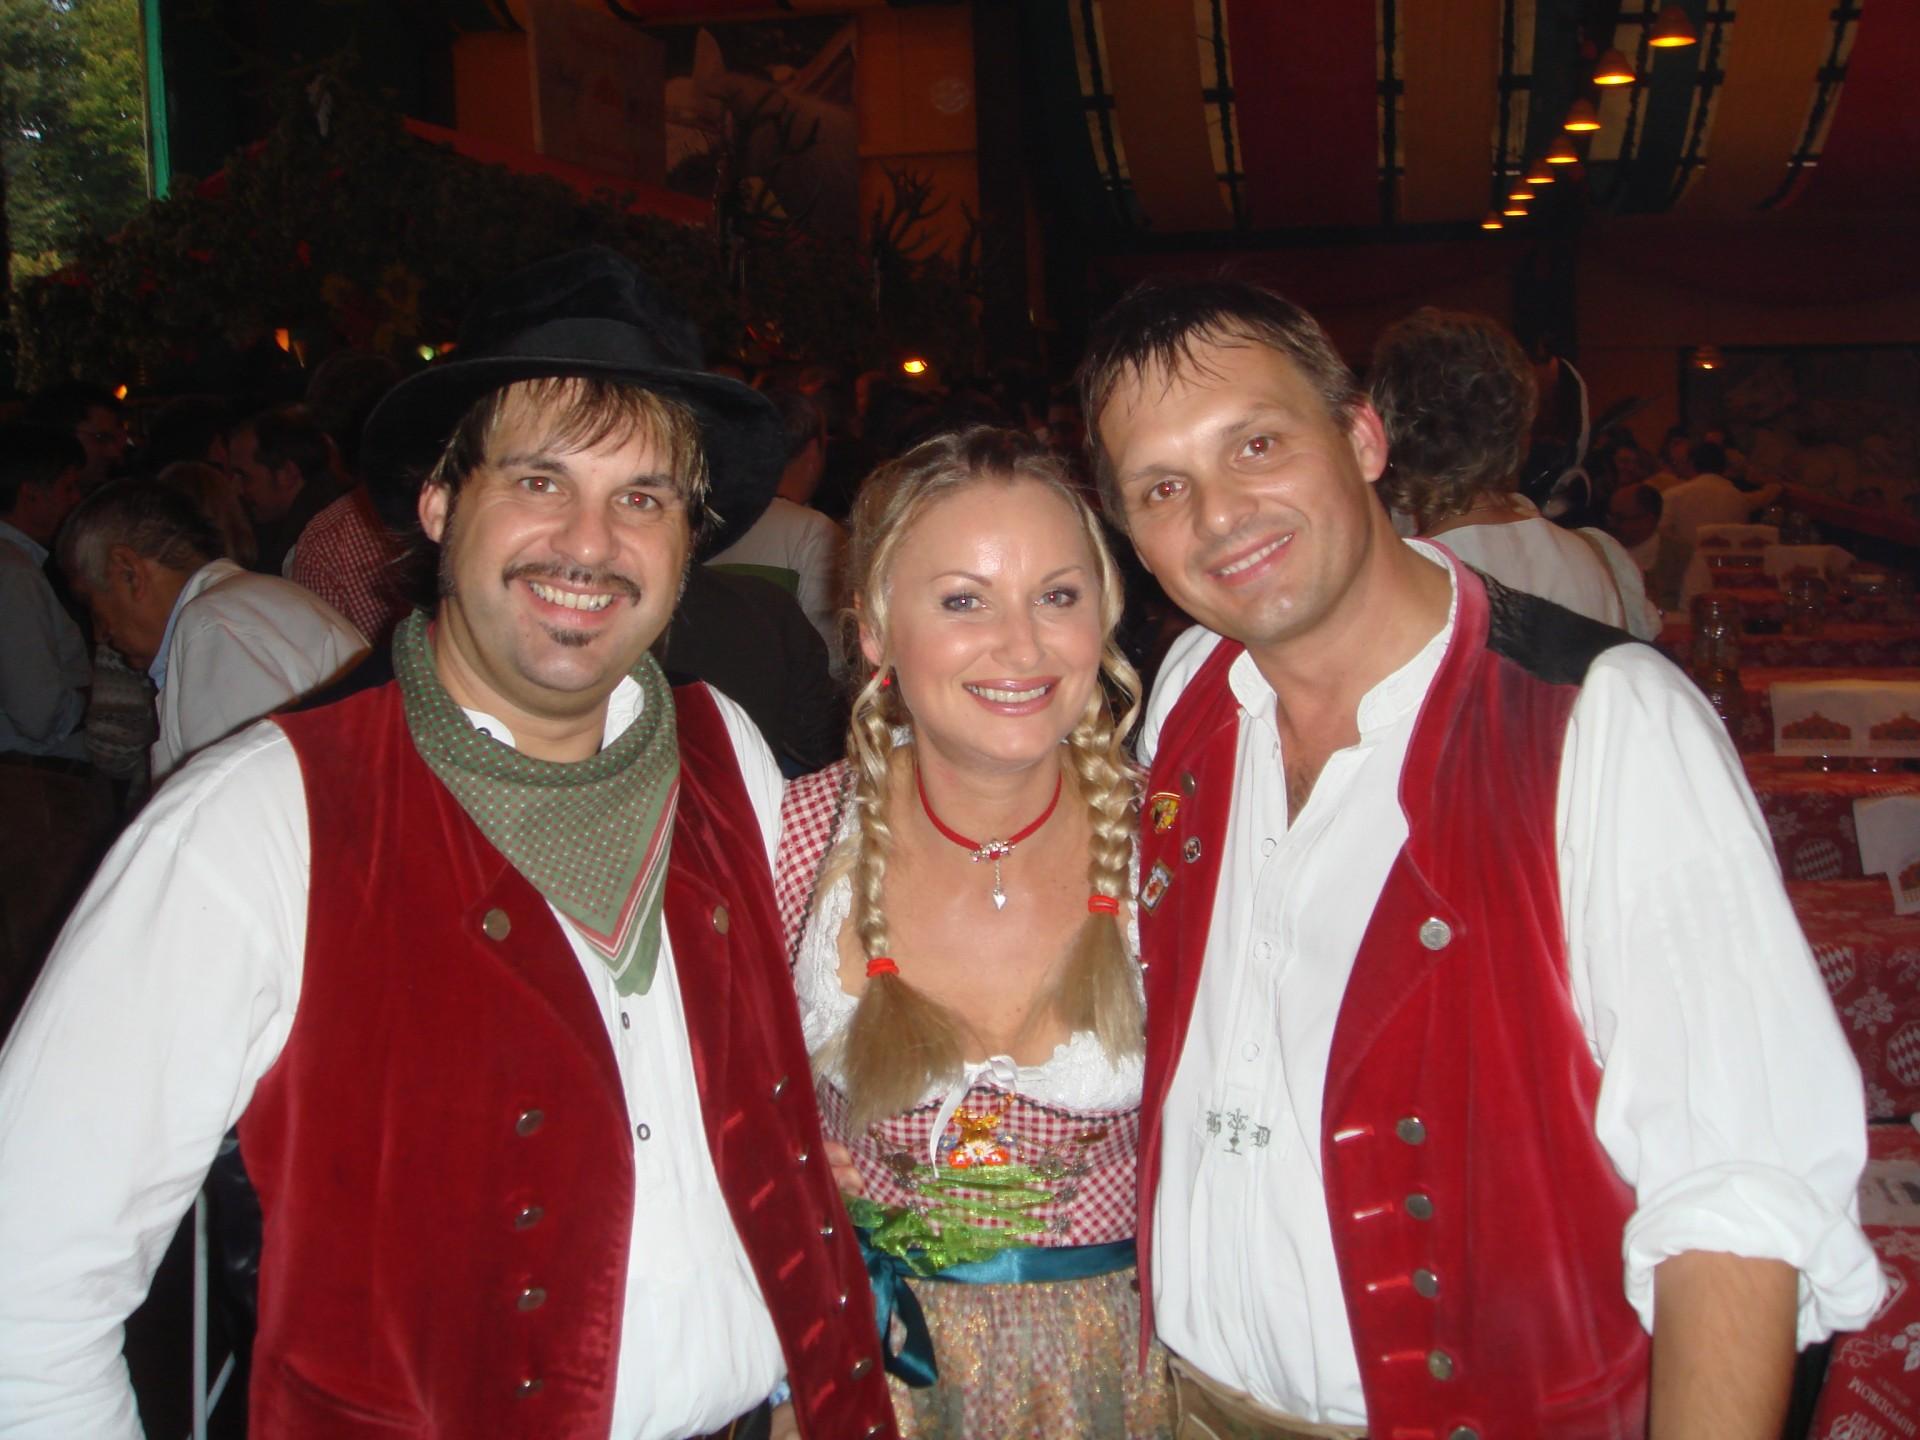 Simmisamma die Oktoberfestband – Konzert Hippodrom Oktoberfest München Deutschland 99